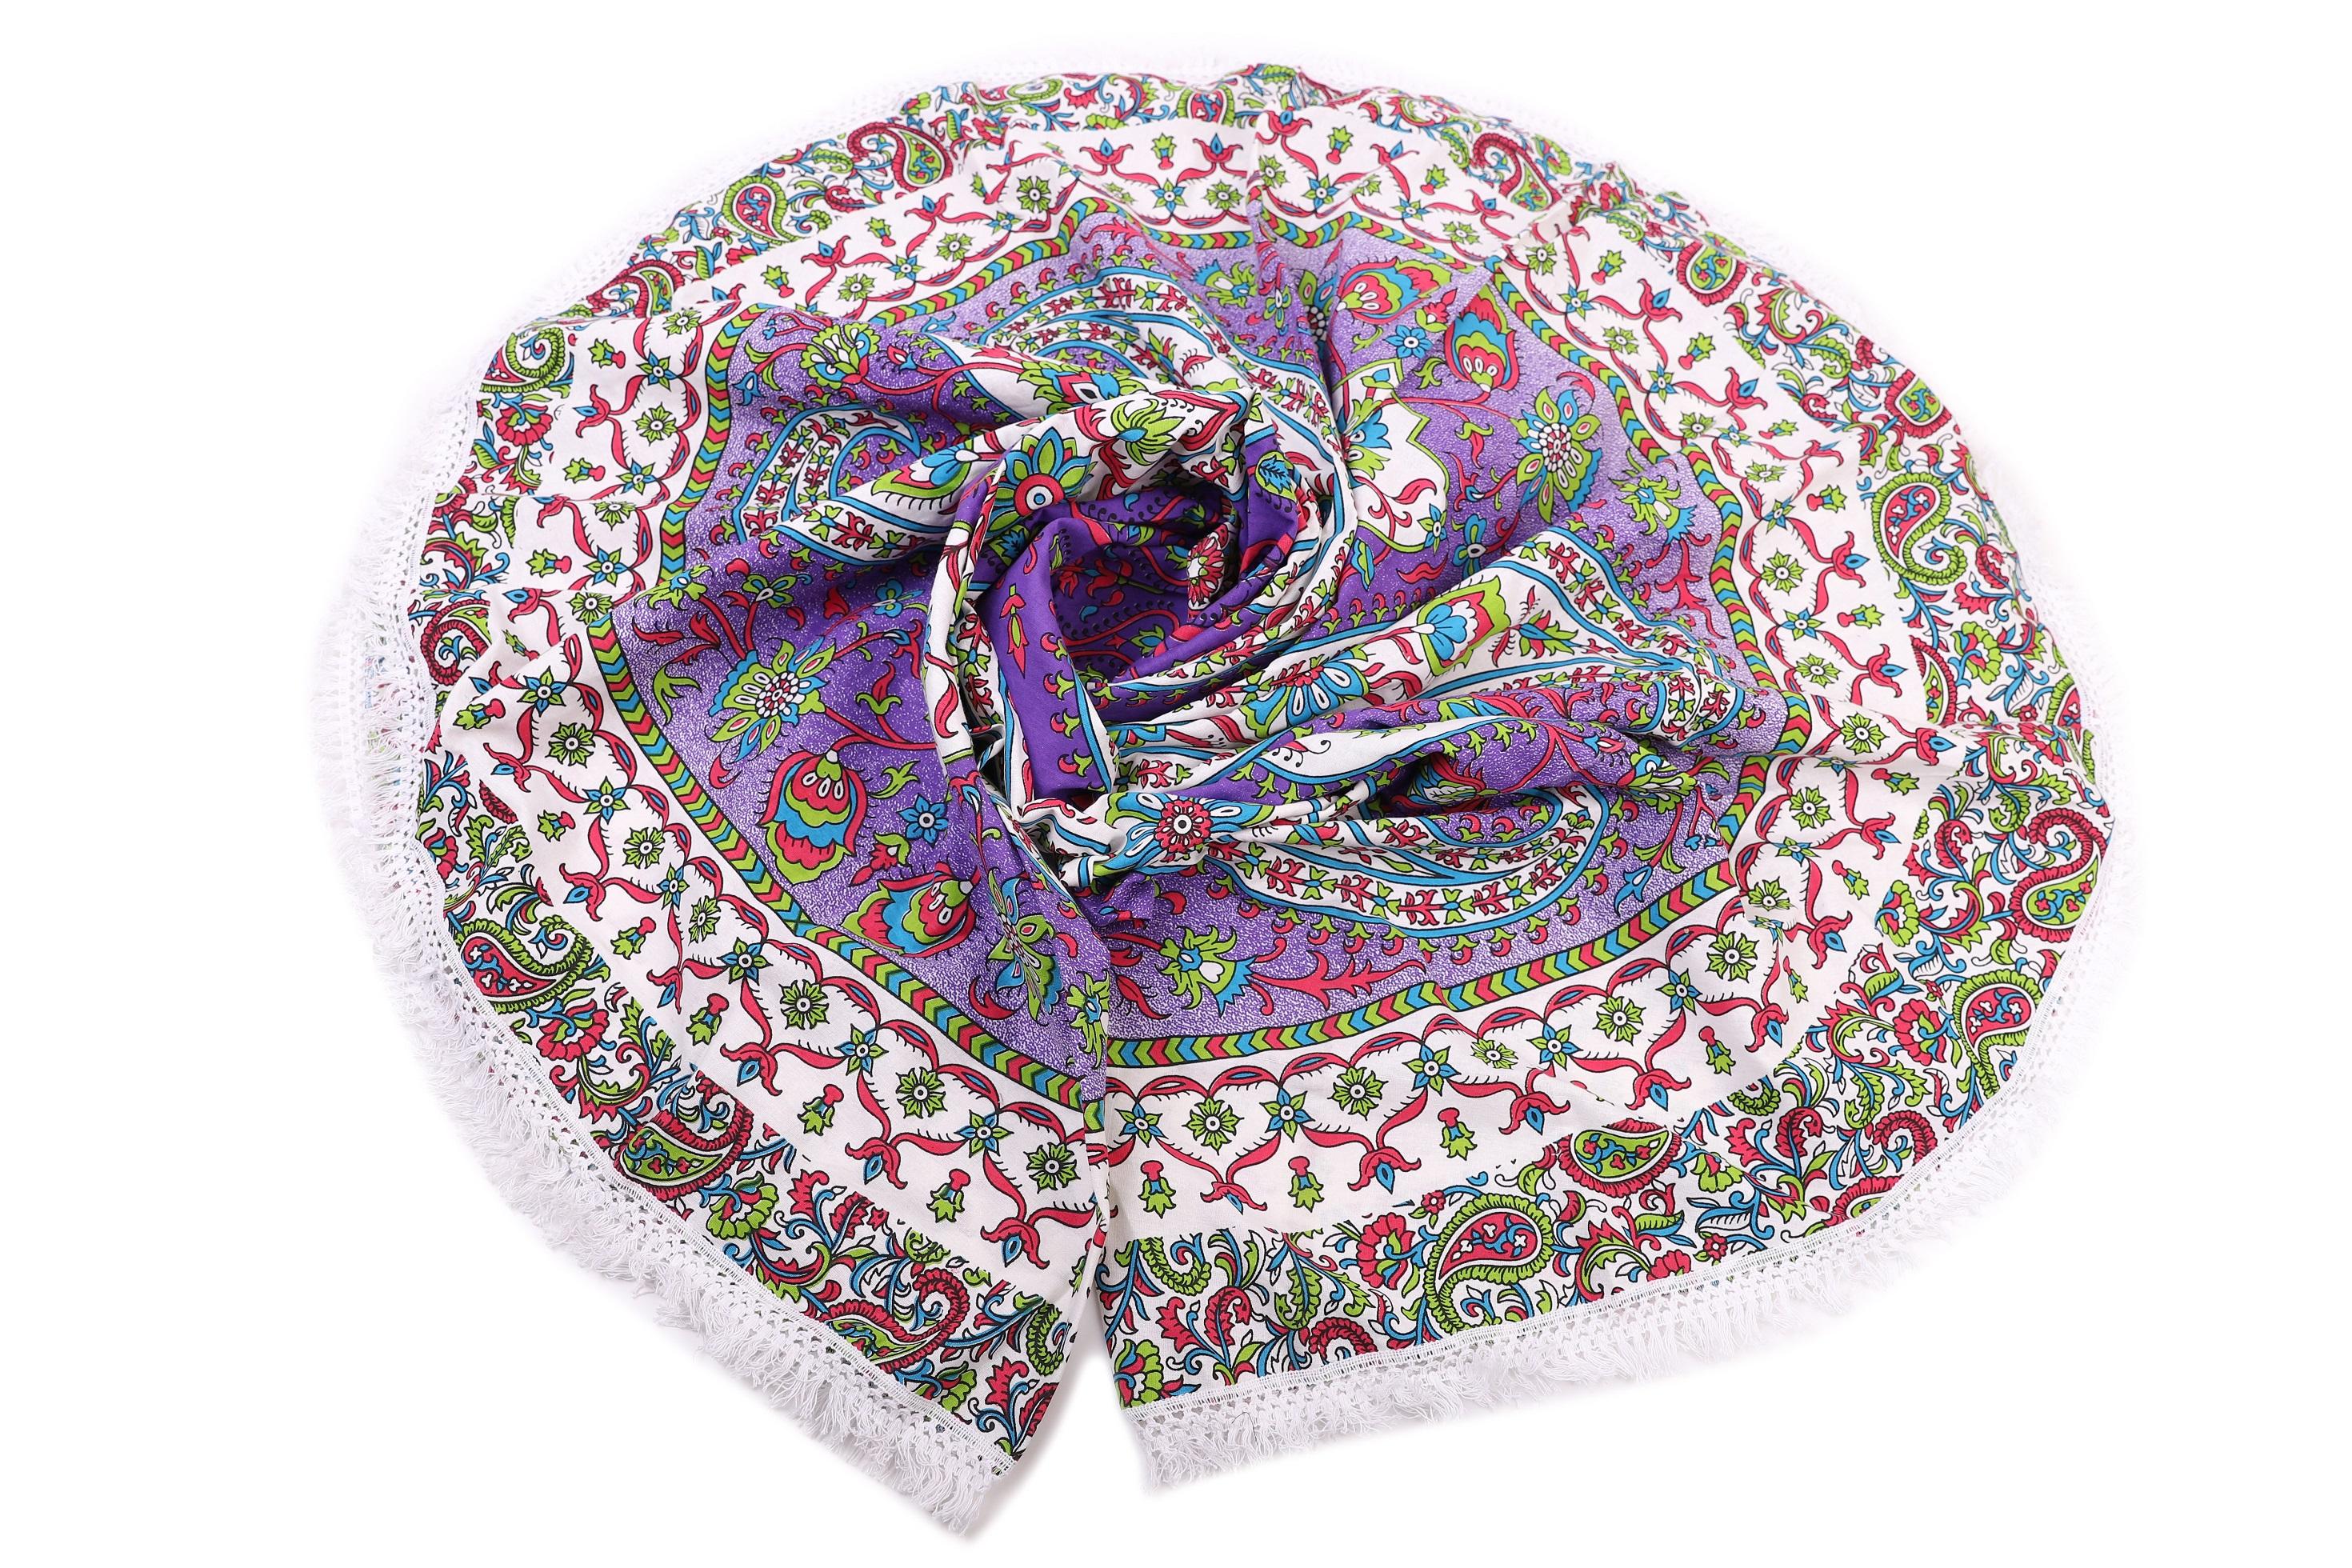 Купить Пледы и покрывала Ганг, Покрывало пляжное Dismas (190 см), Индия, Зеленый, Сиреневый, Хлопковый сатин